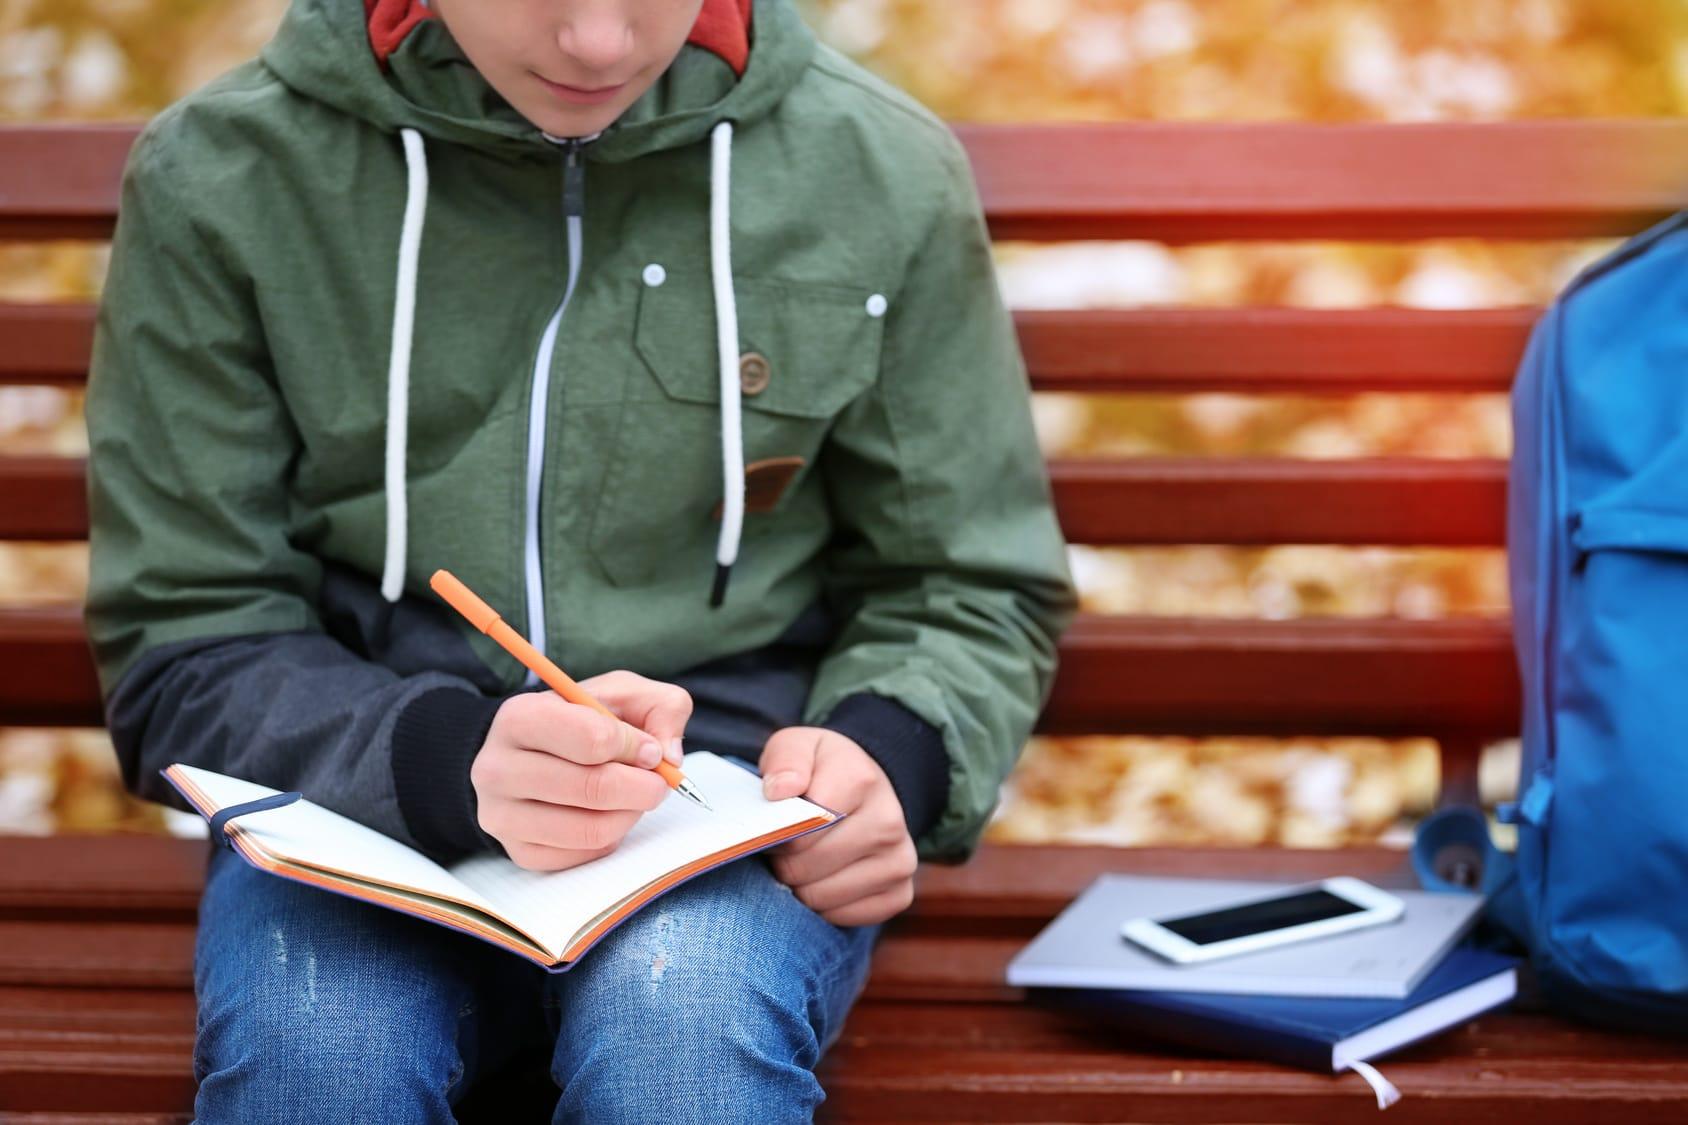 Kugelschreiberflecken entfernen – So geht's!